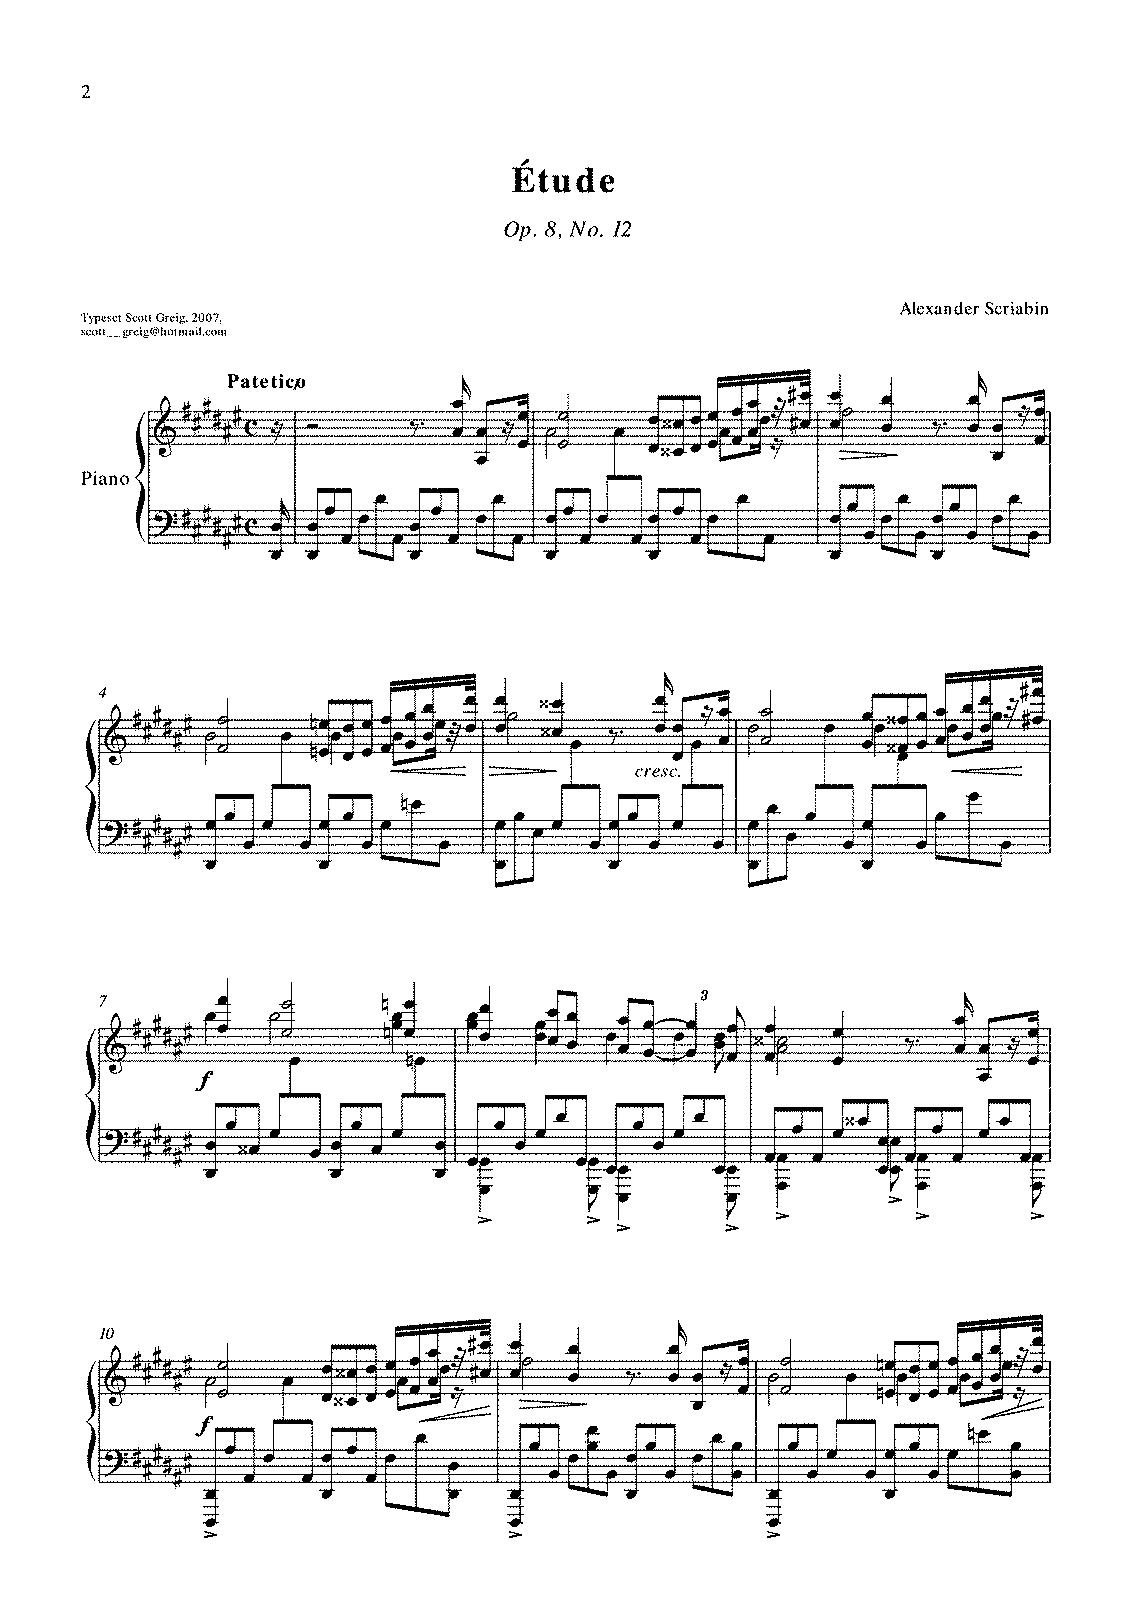 op. 8 n. 12